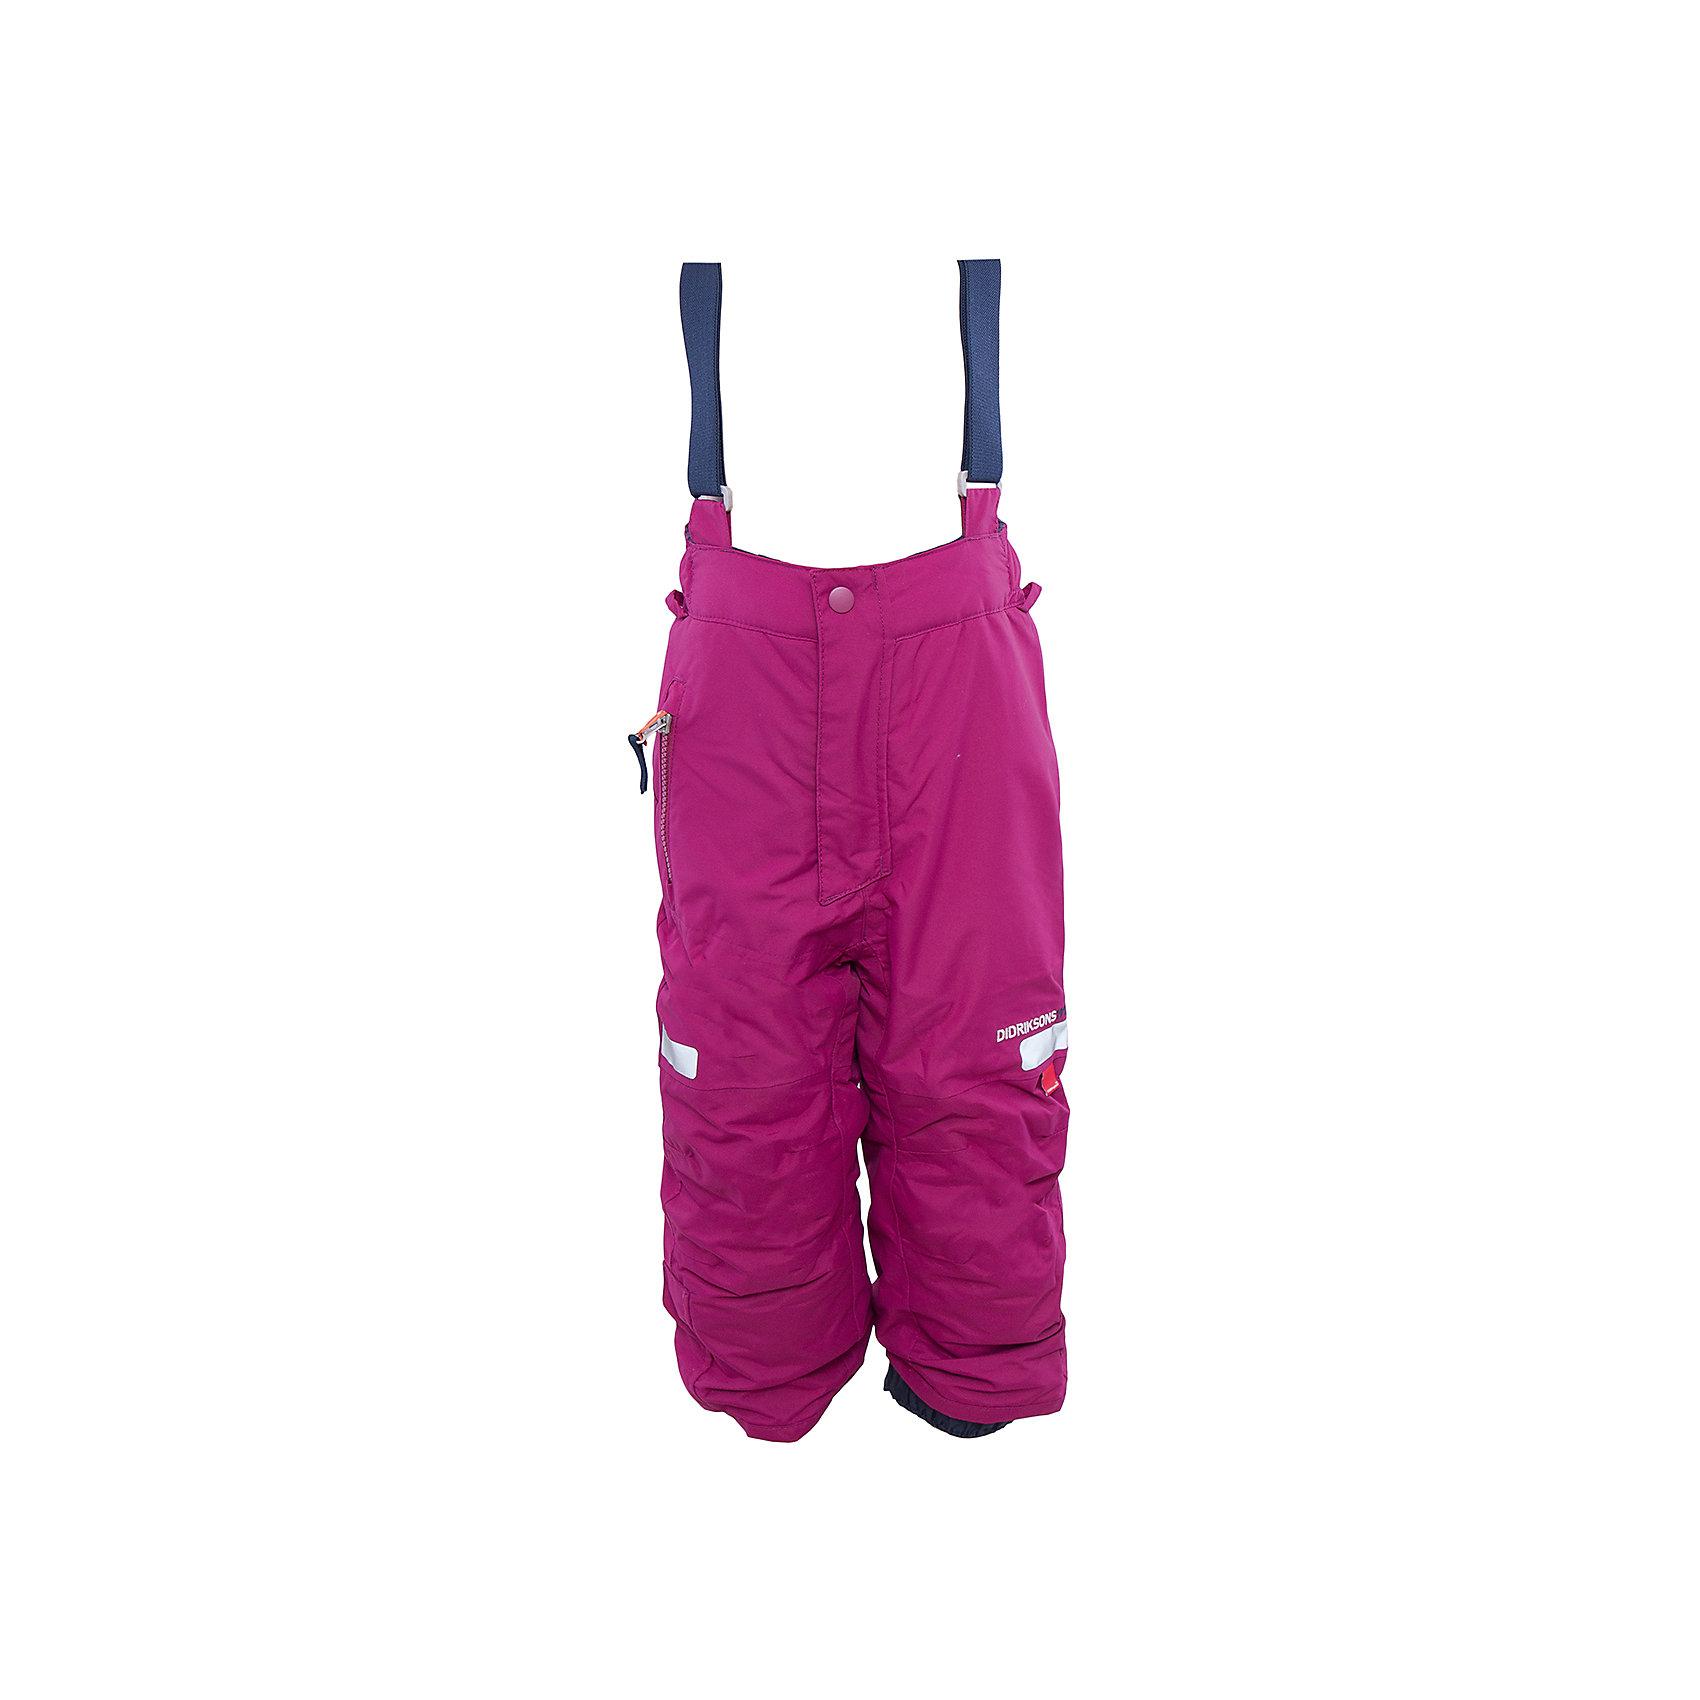 Брюки Amitola для девочки DIDRIKSONSВерхняя одежда<br>Характеристики товара:<br><br>• цвет: фиолетовый<br>• материал: 100% полиамид, подкладка 100% полиэстер<br>• утеплитель: 120 г/м<br>• сезон: зима<br>• температурный режим от +5 до -20С<br>• непромокаемая и непродуваемая мембранная ткань<br>• резинки для ботинок<br>• дополнительная пропитка верха<br>• прокленные швы<br>• талия и низ штанин регулируется<br>• внутренние гетры<br>• ширинка на молнии<br>• фиксированные лямки<br>• светоотражающие детали<br>• можно увеличить длину штанин на один размер <br>• страна бренда: Швеция<br>• страна производства: Китай<br><br>Такие брюки незаменимы в холодную и сырую погоду! Это не только стильно, но еще и очень комфортно, а также тепло. Они обеспечат ребенку удобство при прогулках и активном отдыхе зимой. Брюки от шведского производителя легко трансформируются под рост ребенка и погодные условия.<br>Модель сшита из мембранной ткани, которая позволяет телу дышать, но при этом не промокает и не продувается. Очень стильная и удобная модель! Изделие качественно выполнено, сделано из безопасных для детей материалов. <br><br>Брюки для девочки от бренда DIDRIKSONS можно купить в нашем интернет-магазине.<br><br>Ширина мм: 215<br>Глубина мм: 88<br>Высота мм: 191<br>Вес г: 336<br>Цвет: фиолетовый<br>Возраст от месяцев: 18<br>Возраст до месяцев: 24<br>Пол: Женский<br>Возраст: Детский<br>Размер: 90,120,130<br>SKU: 5003877